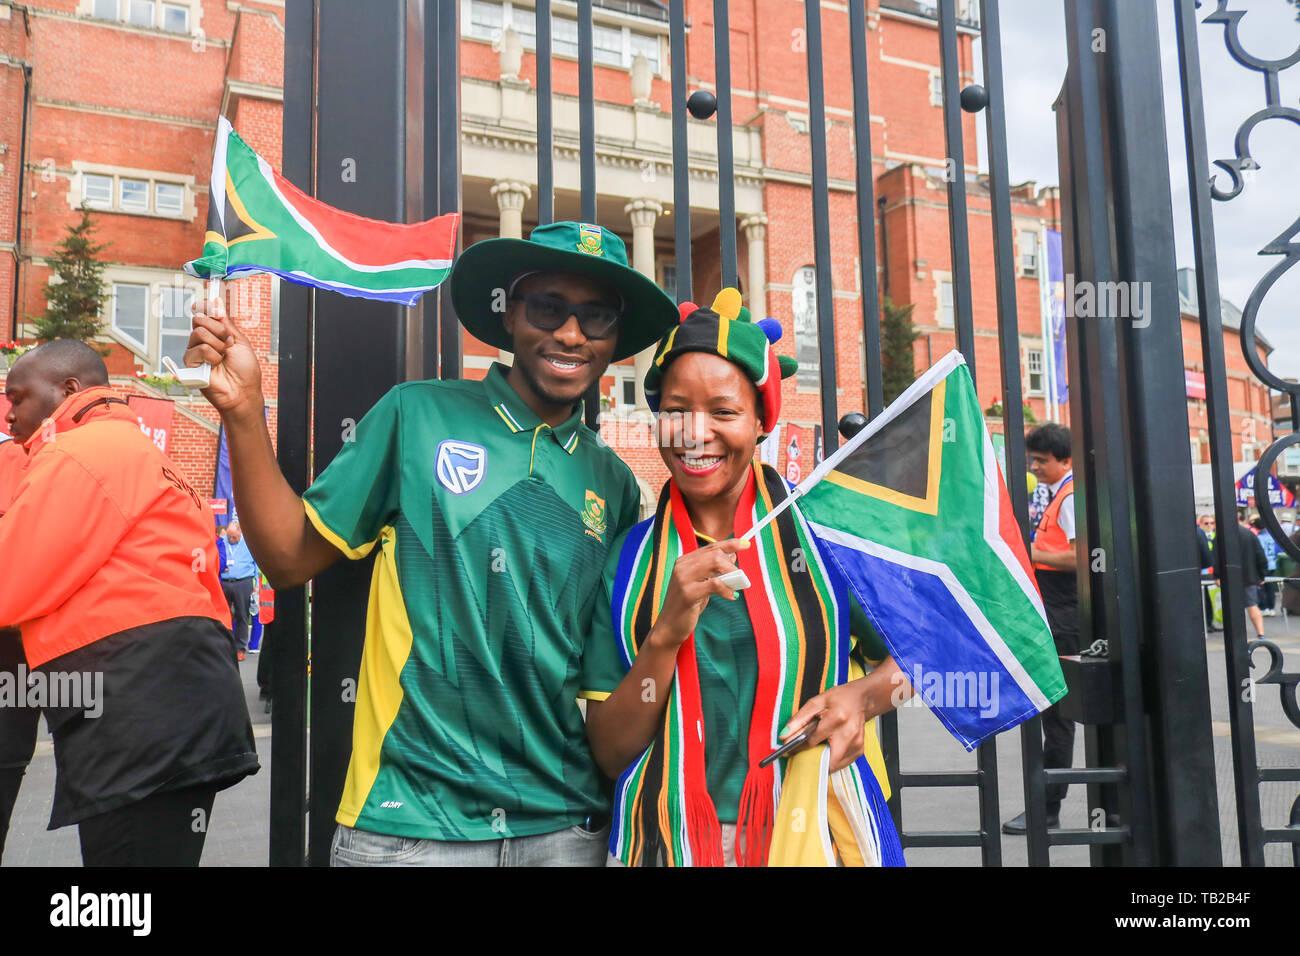 Londres, Royaume-Uni. 30 mai, 2019. Afrique du Sud fans fans arrivent à la Kia Oval Cricket Ground pour le match d'ouverture de la Coupe du Monde 2019 de la CPI entre l'Angleterre et l'Afrique: Crédit amer ghazzal/Alamy Live News Photo Stock